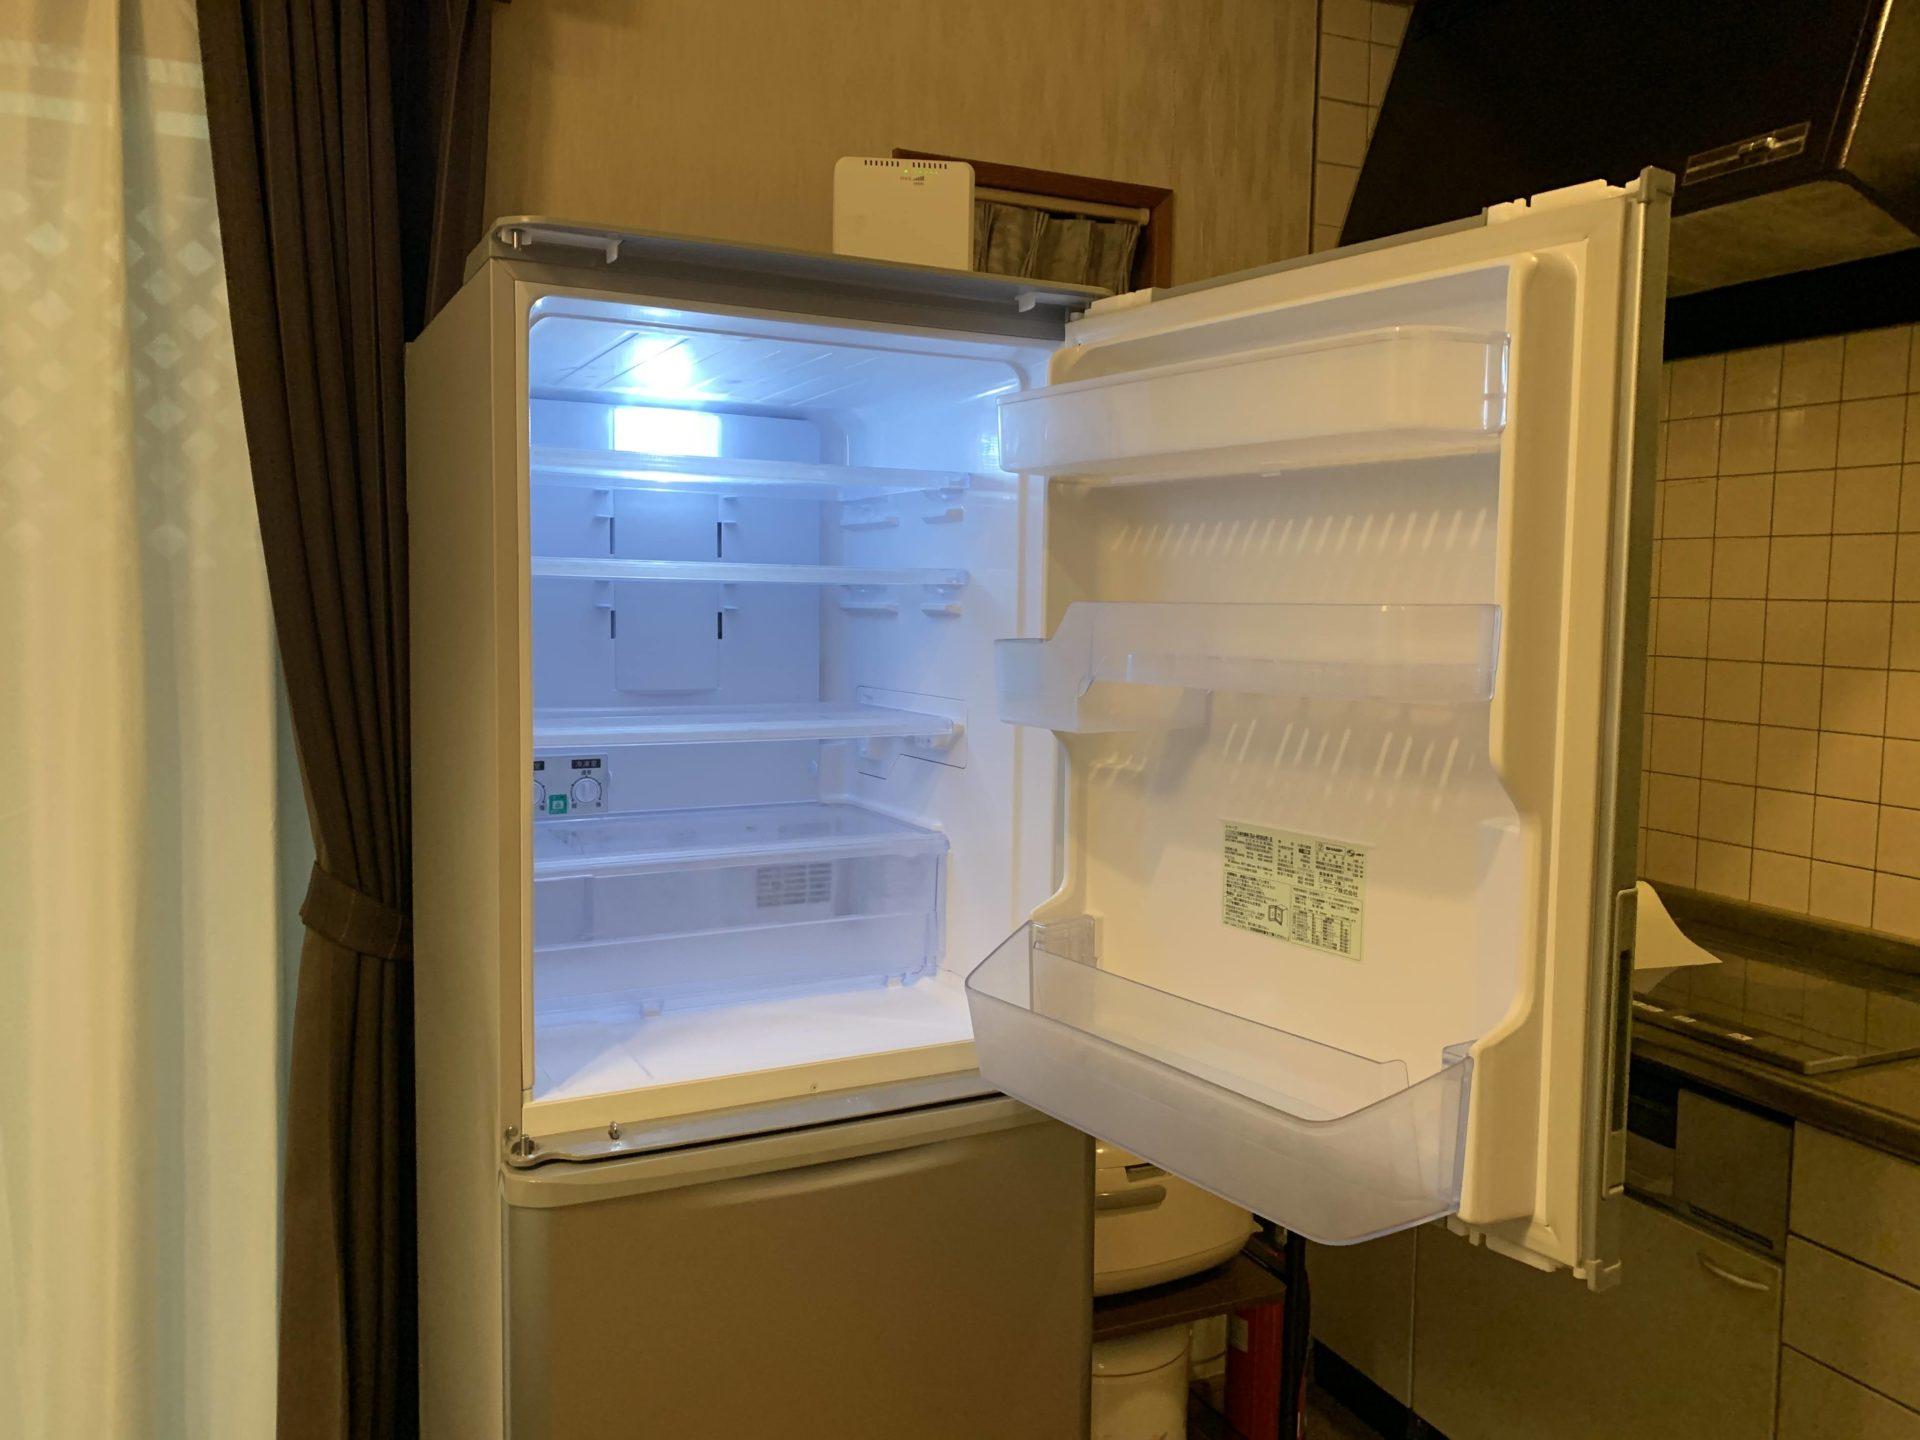 ルネス軽井沢コテージしおん星キッチンに両開き冷蔵庫入れました